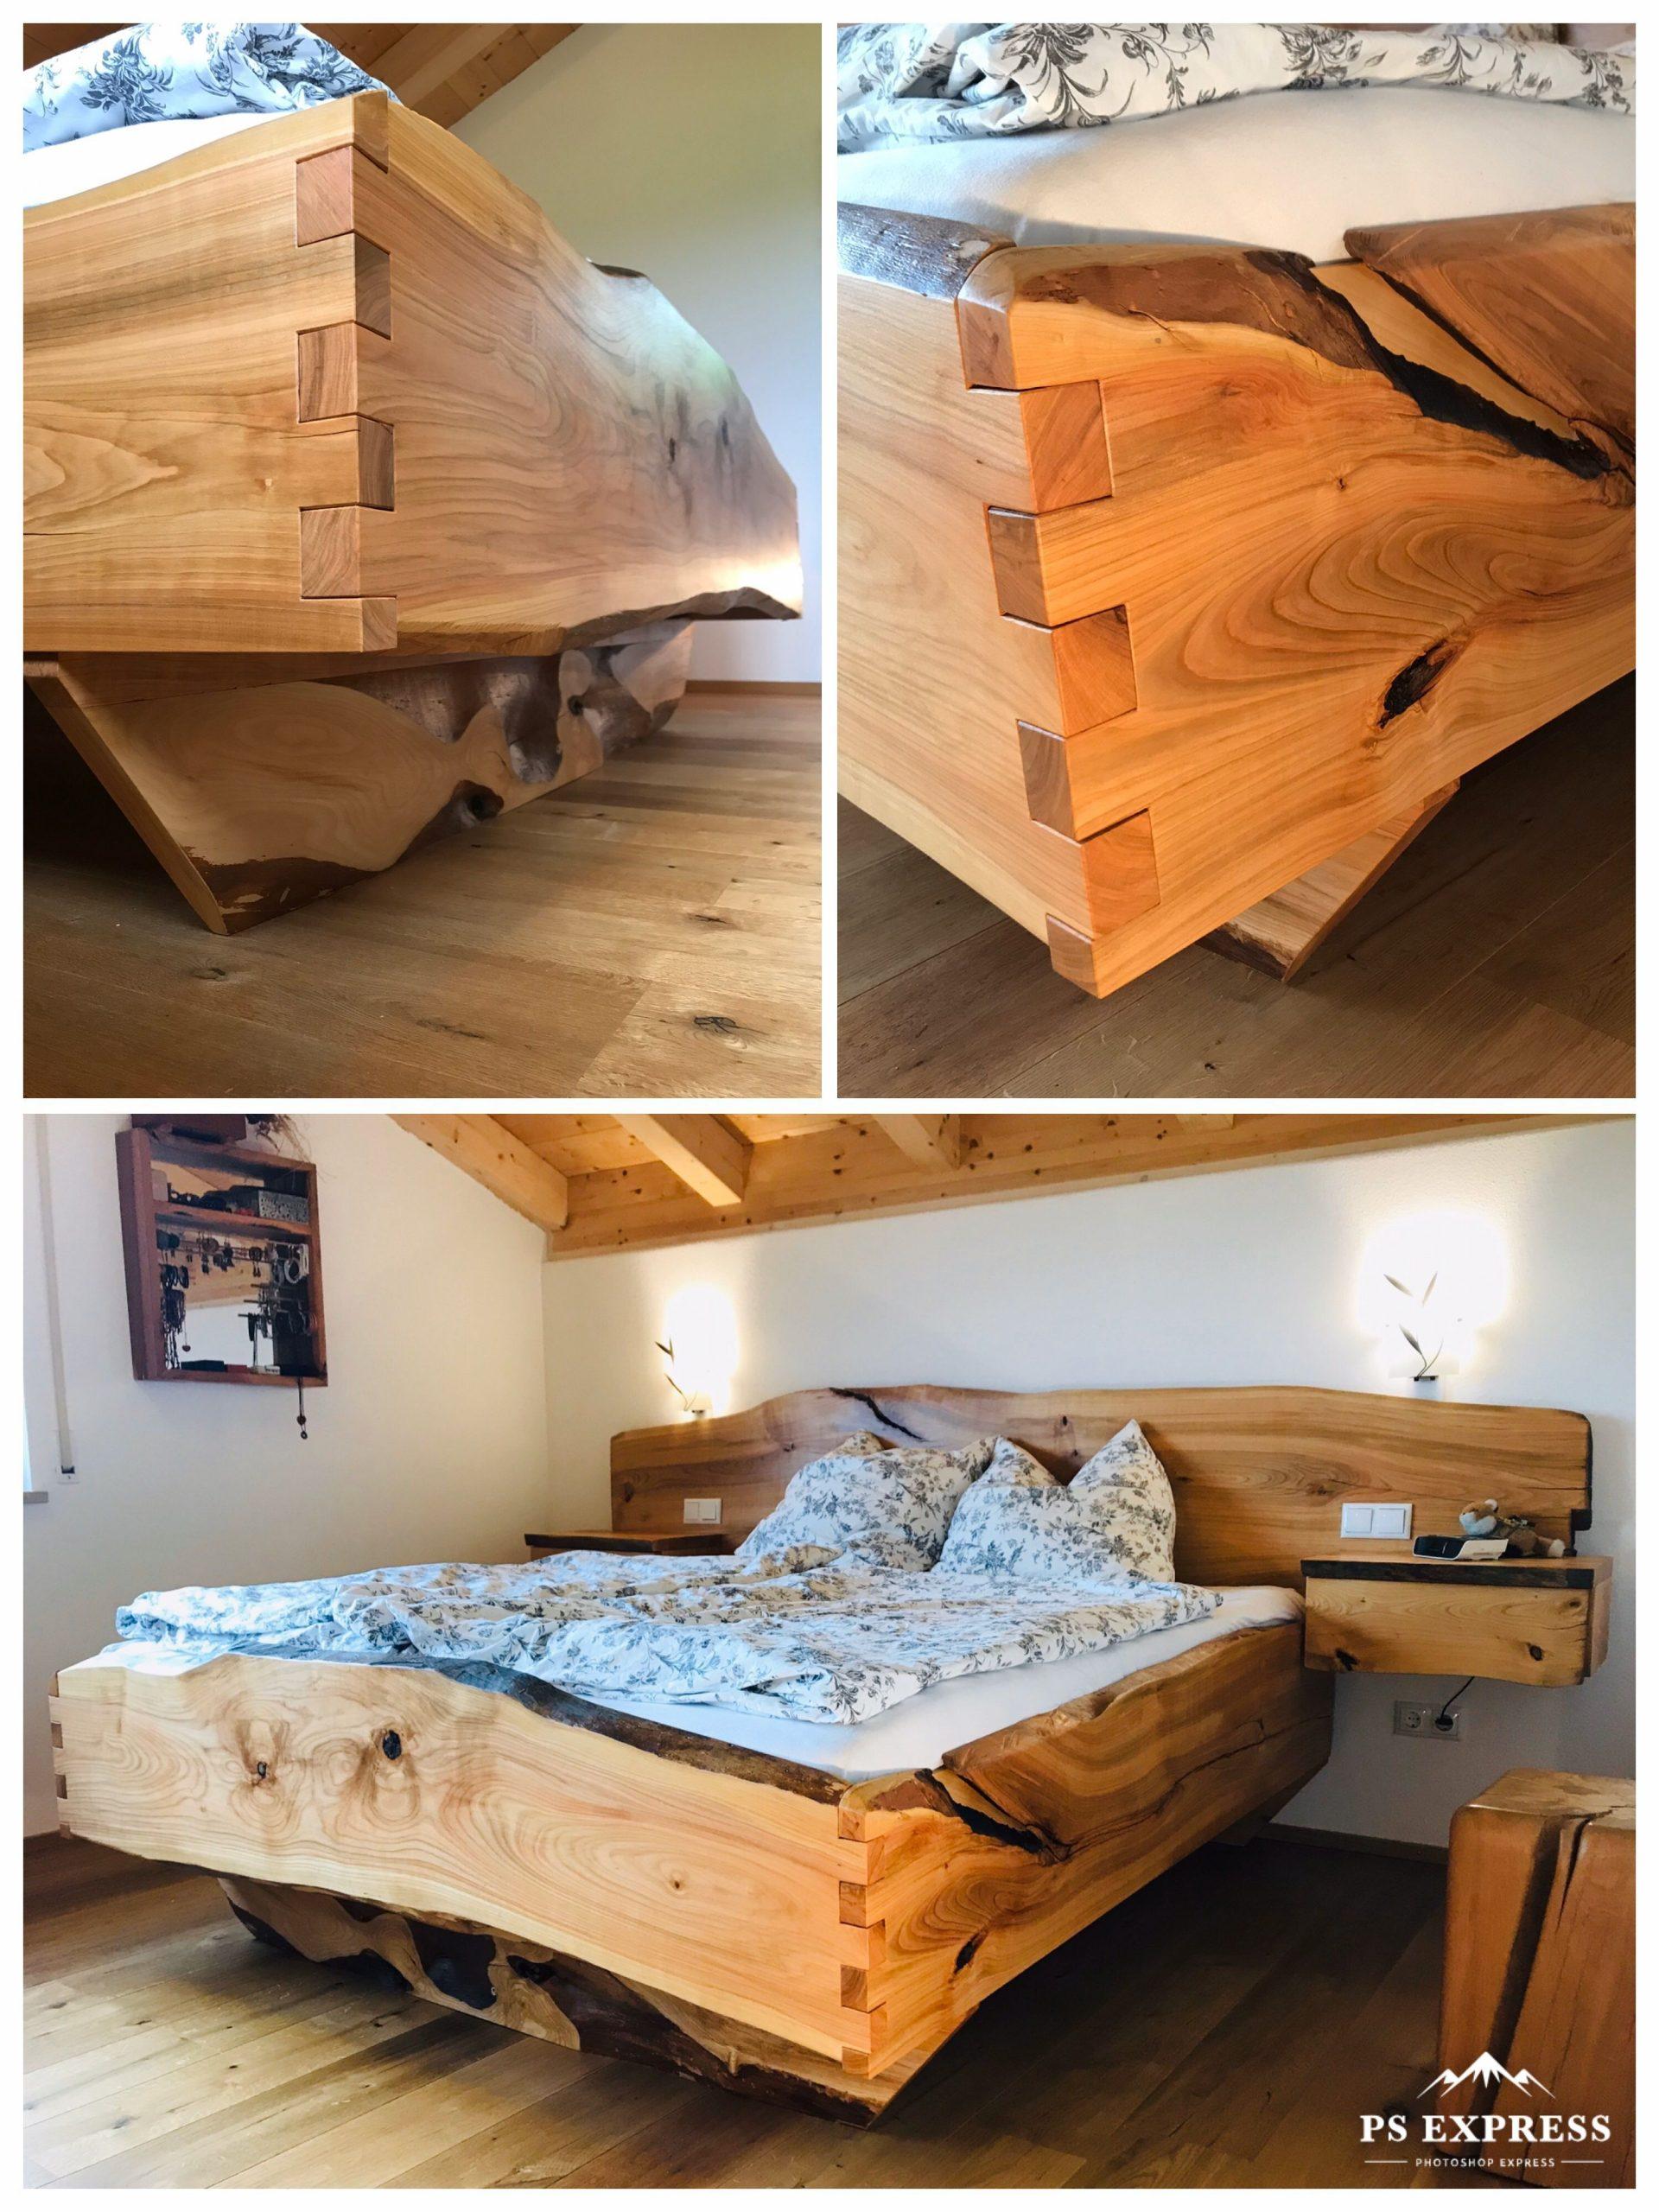 Full Size of Bett Zeichnen Gezinkt Kirschbaum Massivholz Wildholz Der 190x90 Bestes Betten Mit Schubladen Billige 90x200 Bock Weisses Landhausstil 180x200 Günstig Bett Bett 200x180